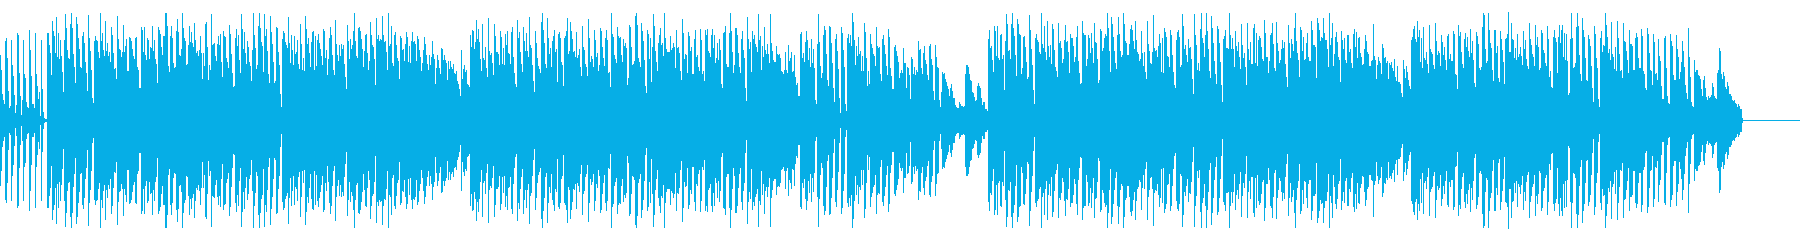 叙情的な旋律でドラマティックな雰囲気の曲の再生済みの波形